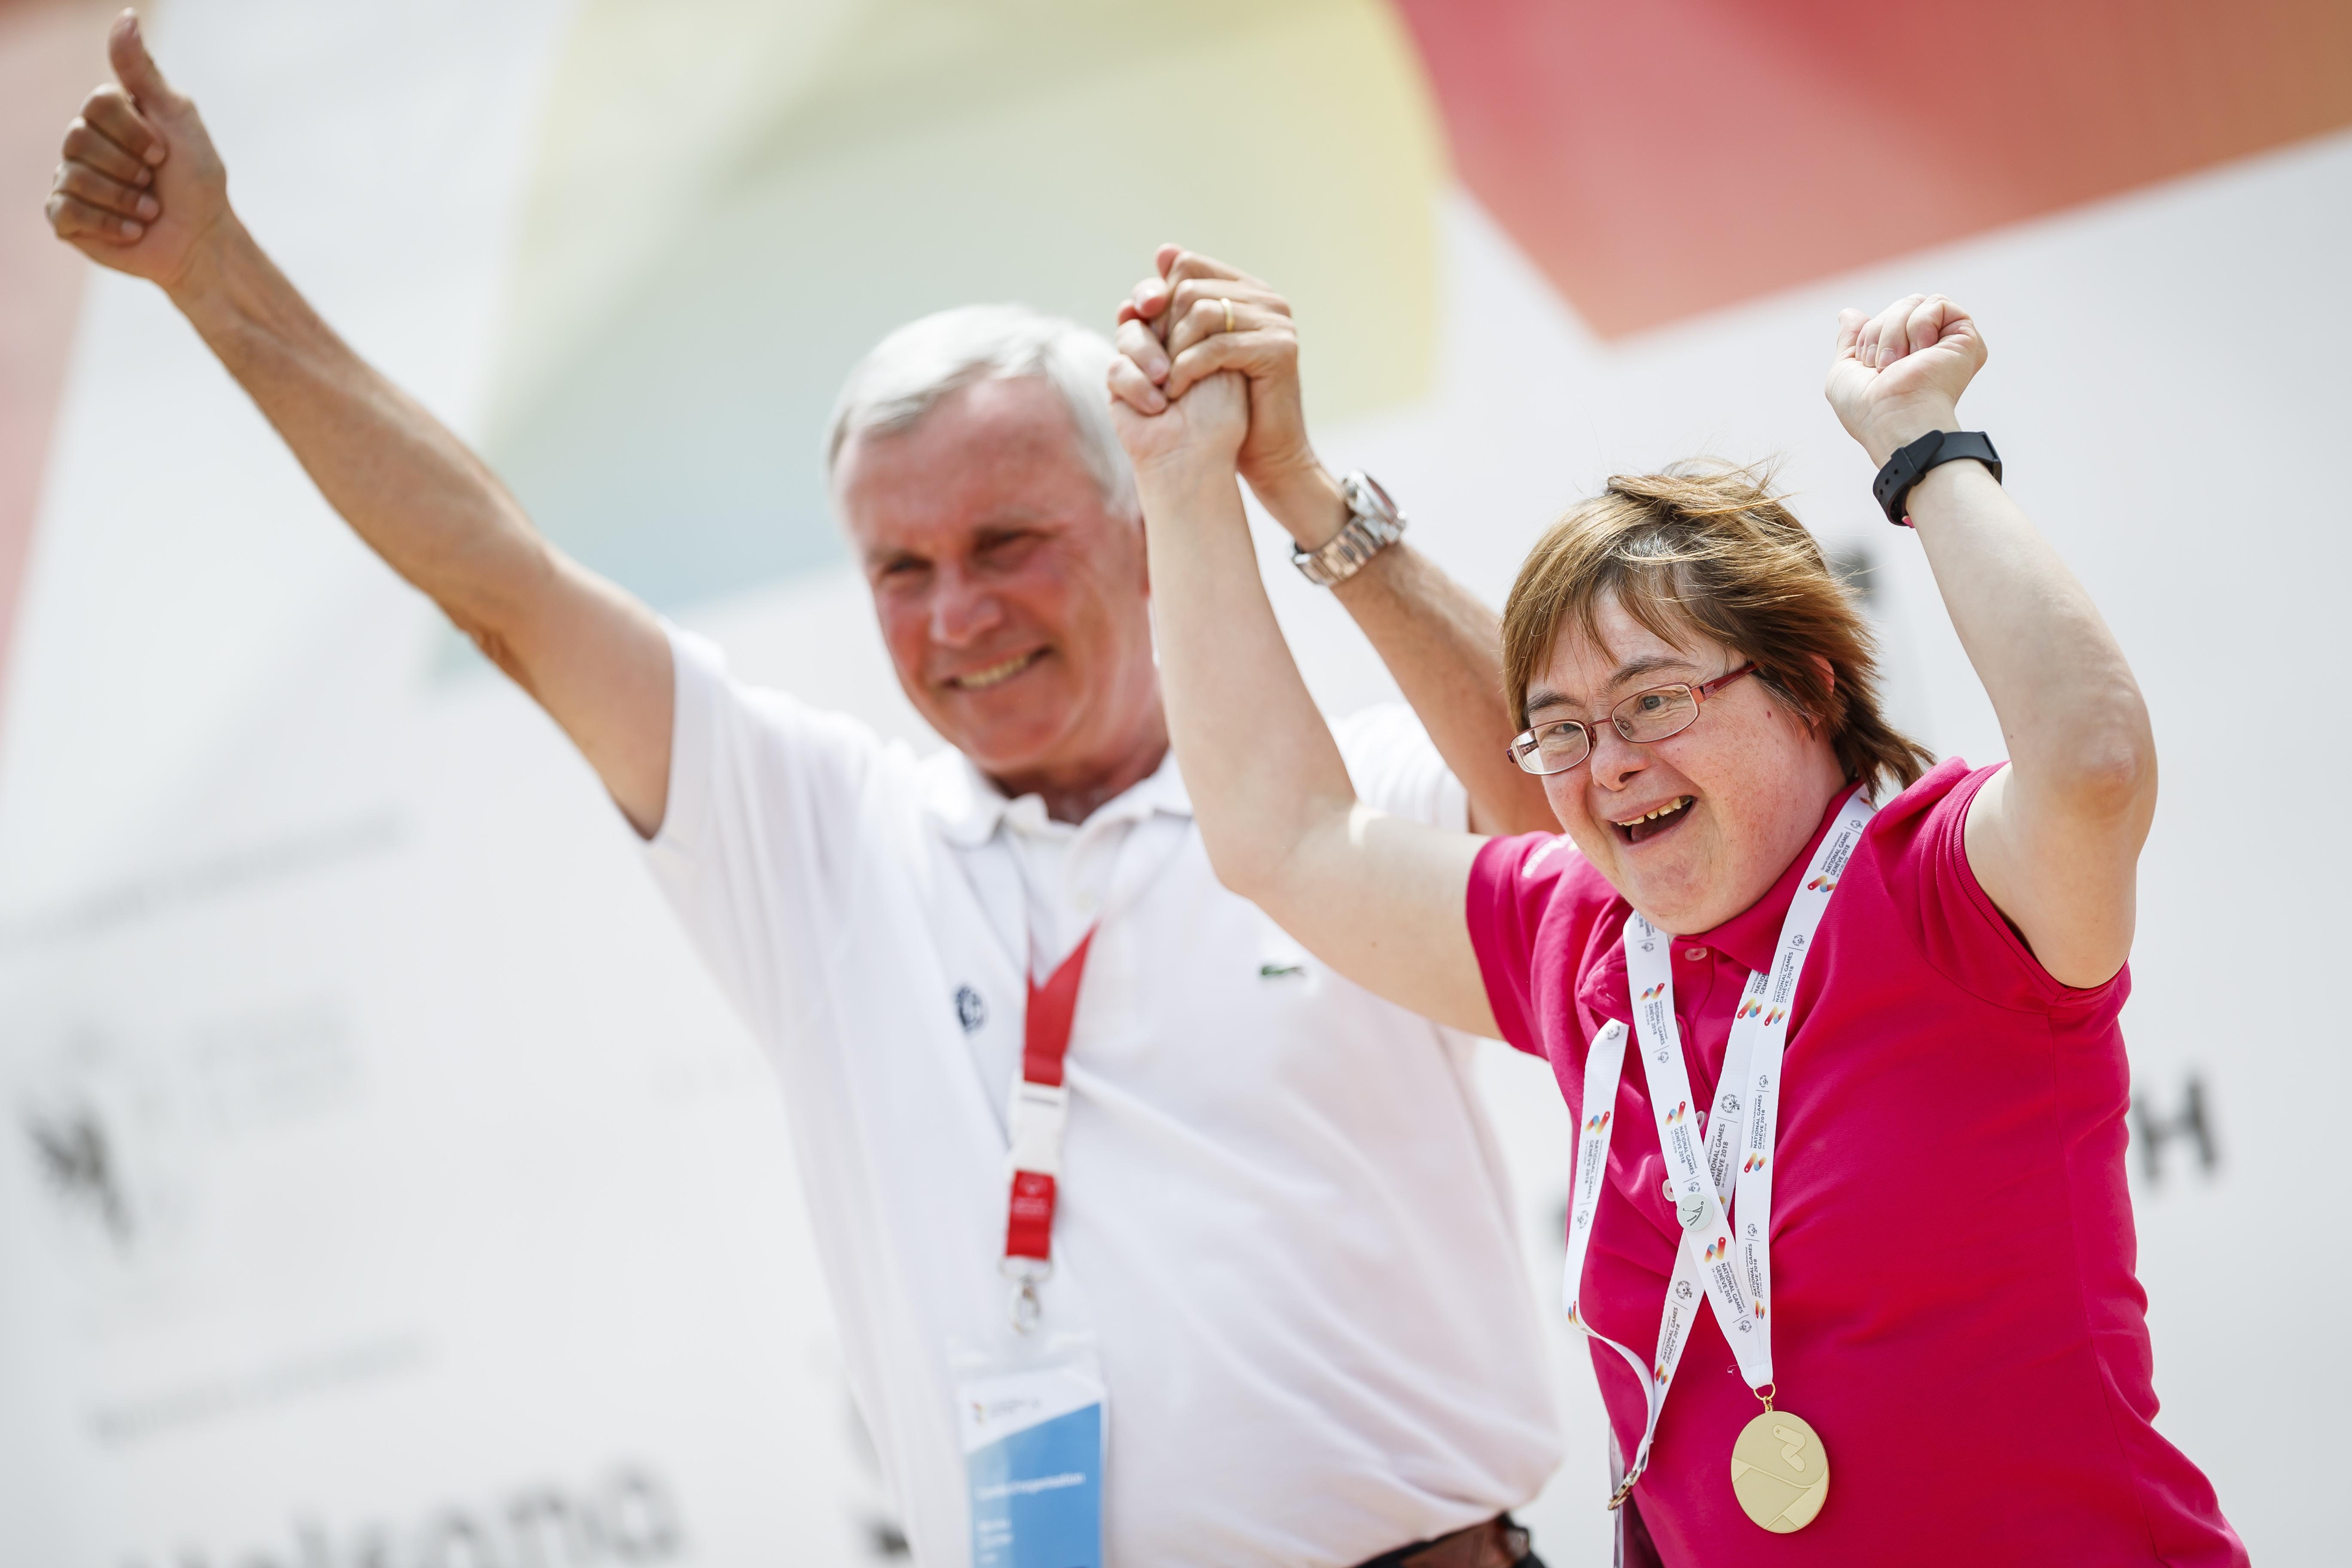 Athletin und Volunteer jubeln an der Medaillenfeier zusammen